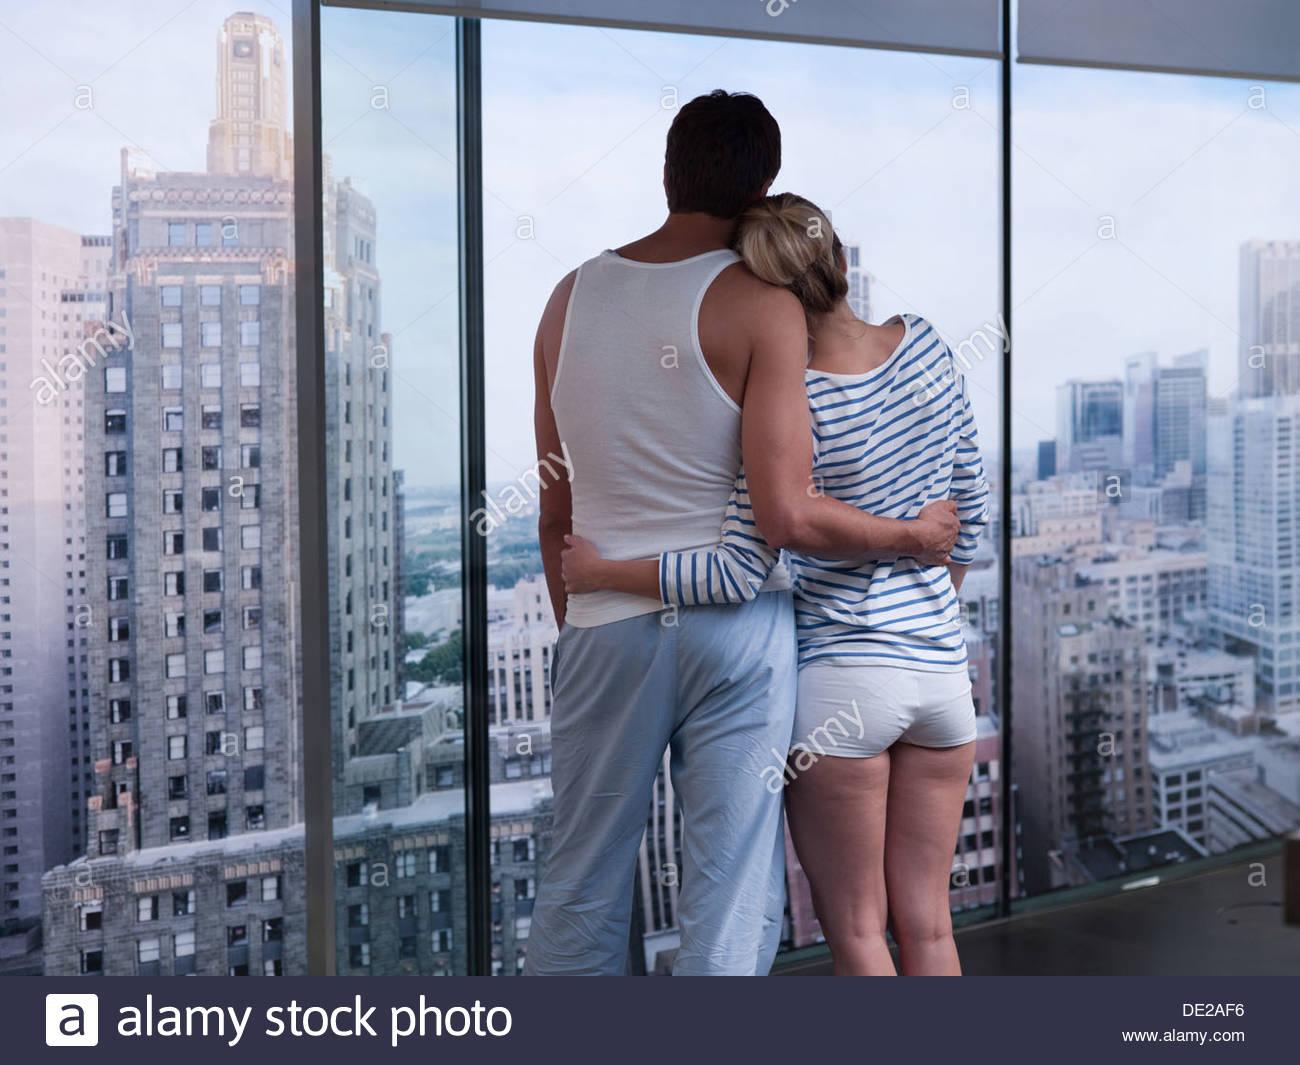 Pareja abrazarse y mirar hacia el exterior Imagen De Stock